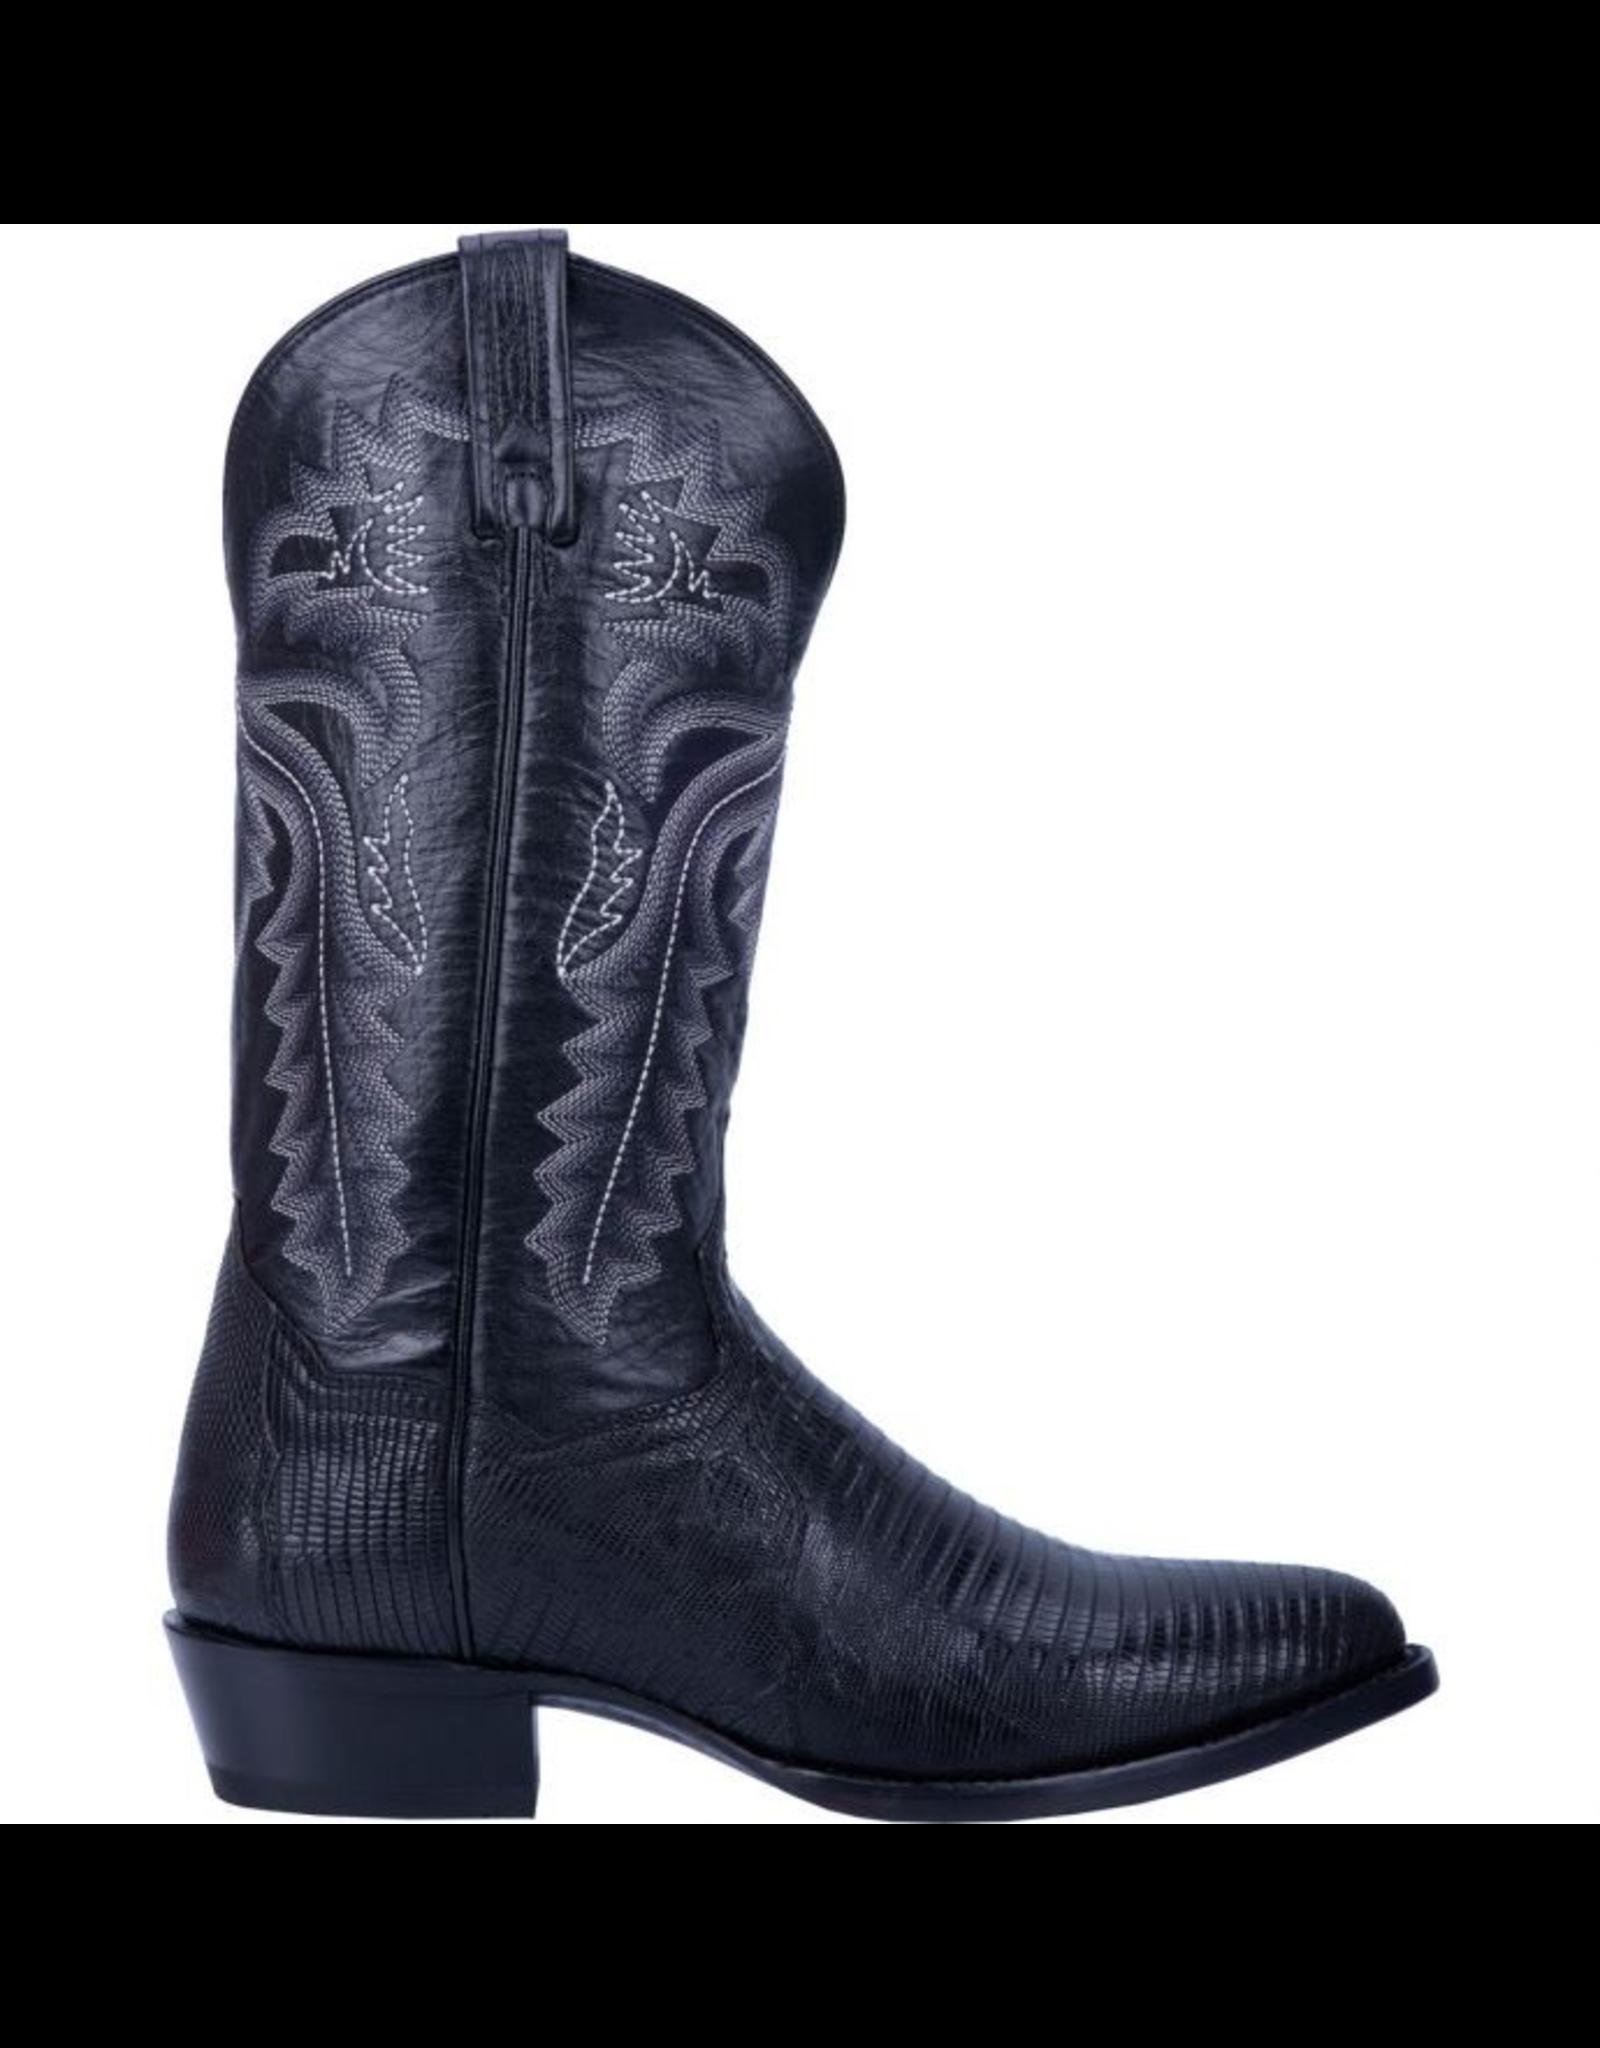 Boots-Men DAN POST Winston DP3050R